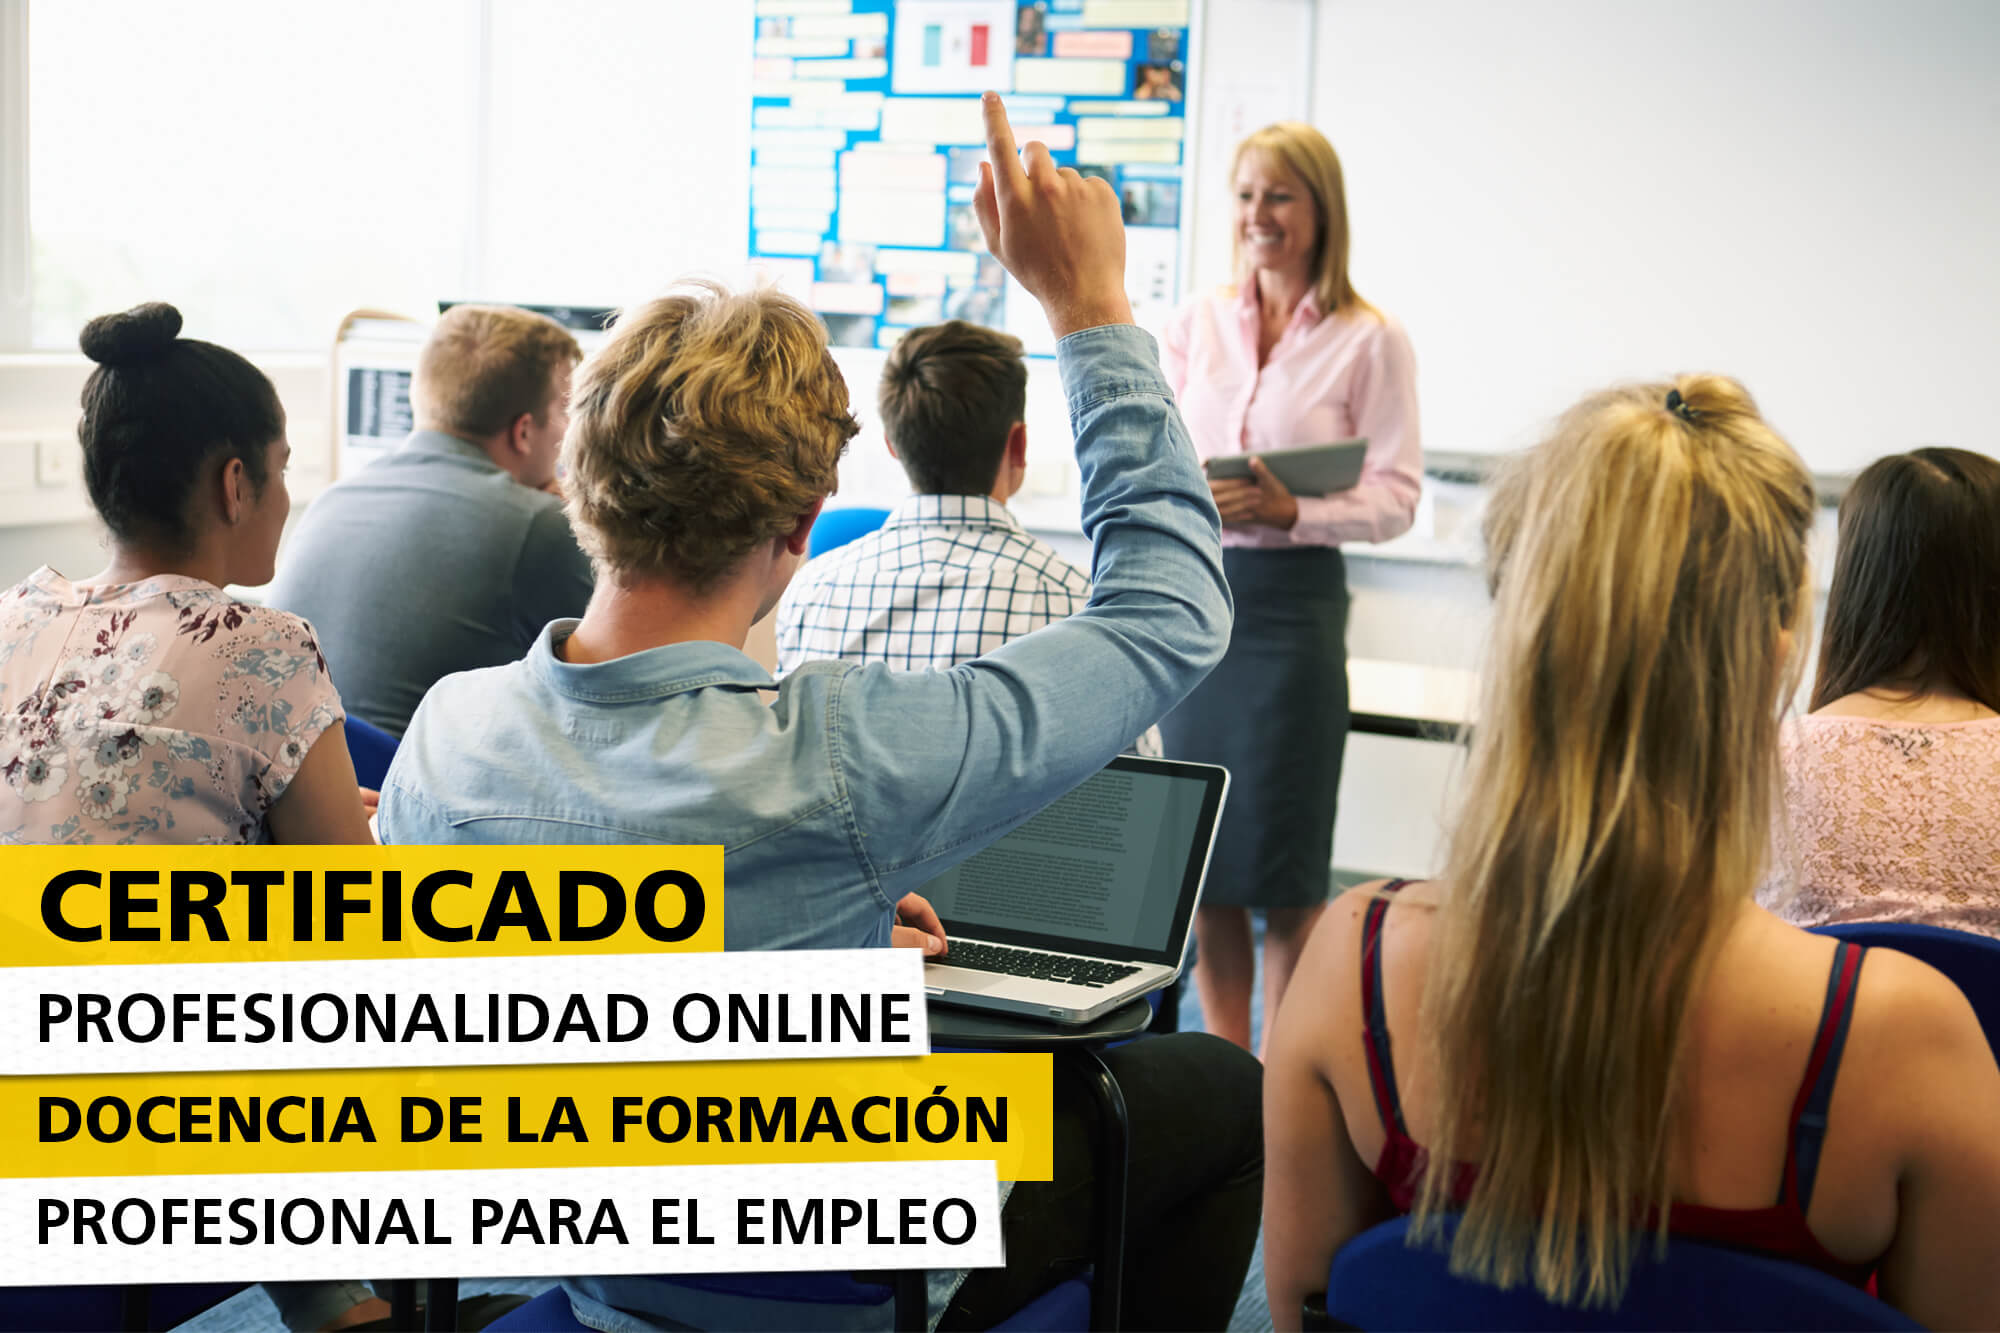 CPO-docencia-formacion-empleo-online-img-destacada